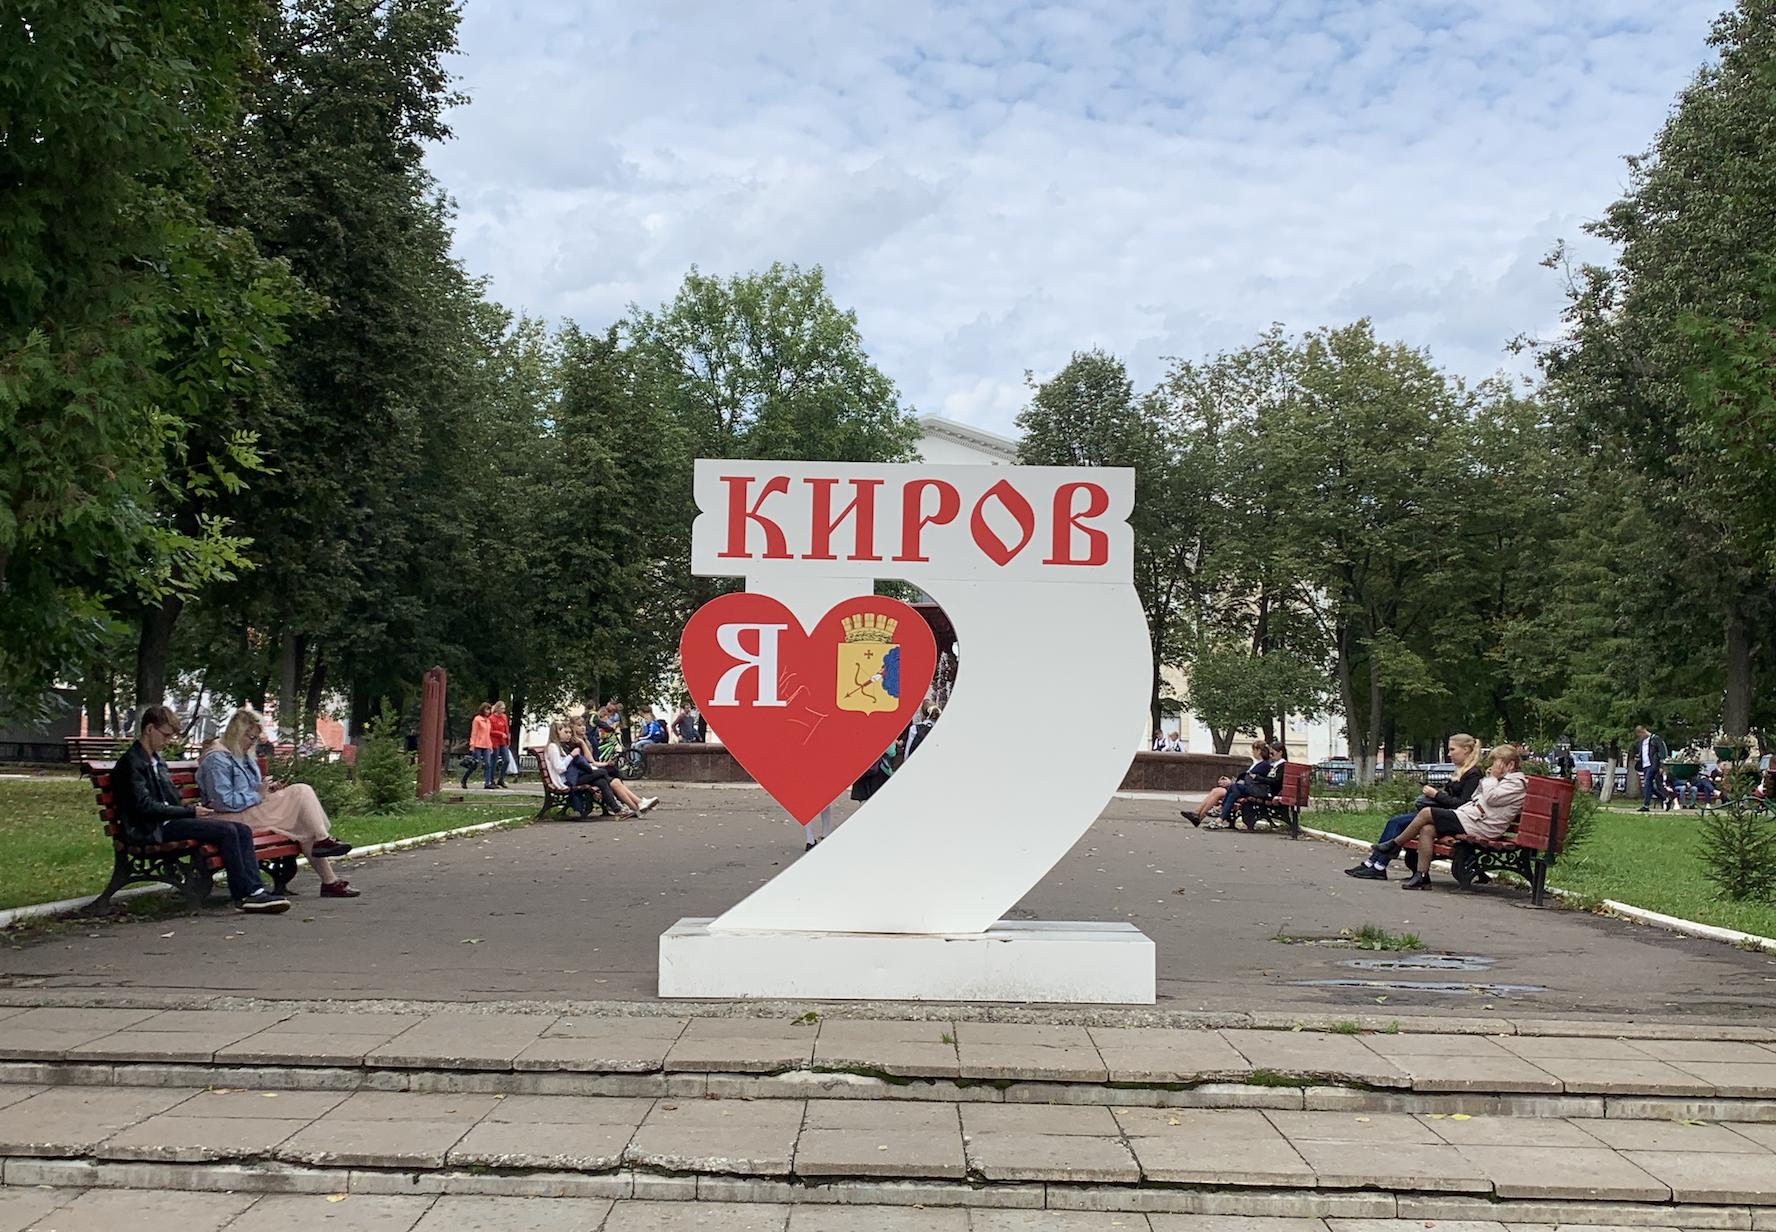 ТОП-5 новостей Kirov.ru за первую неделю сентября